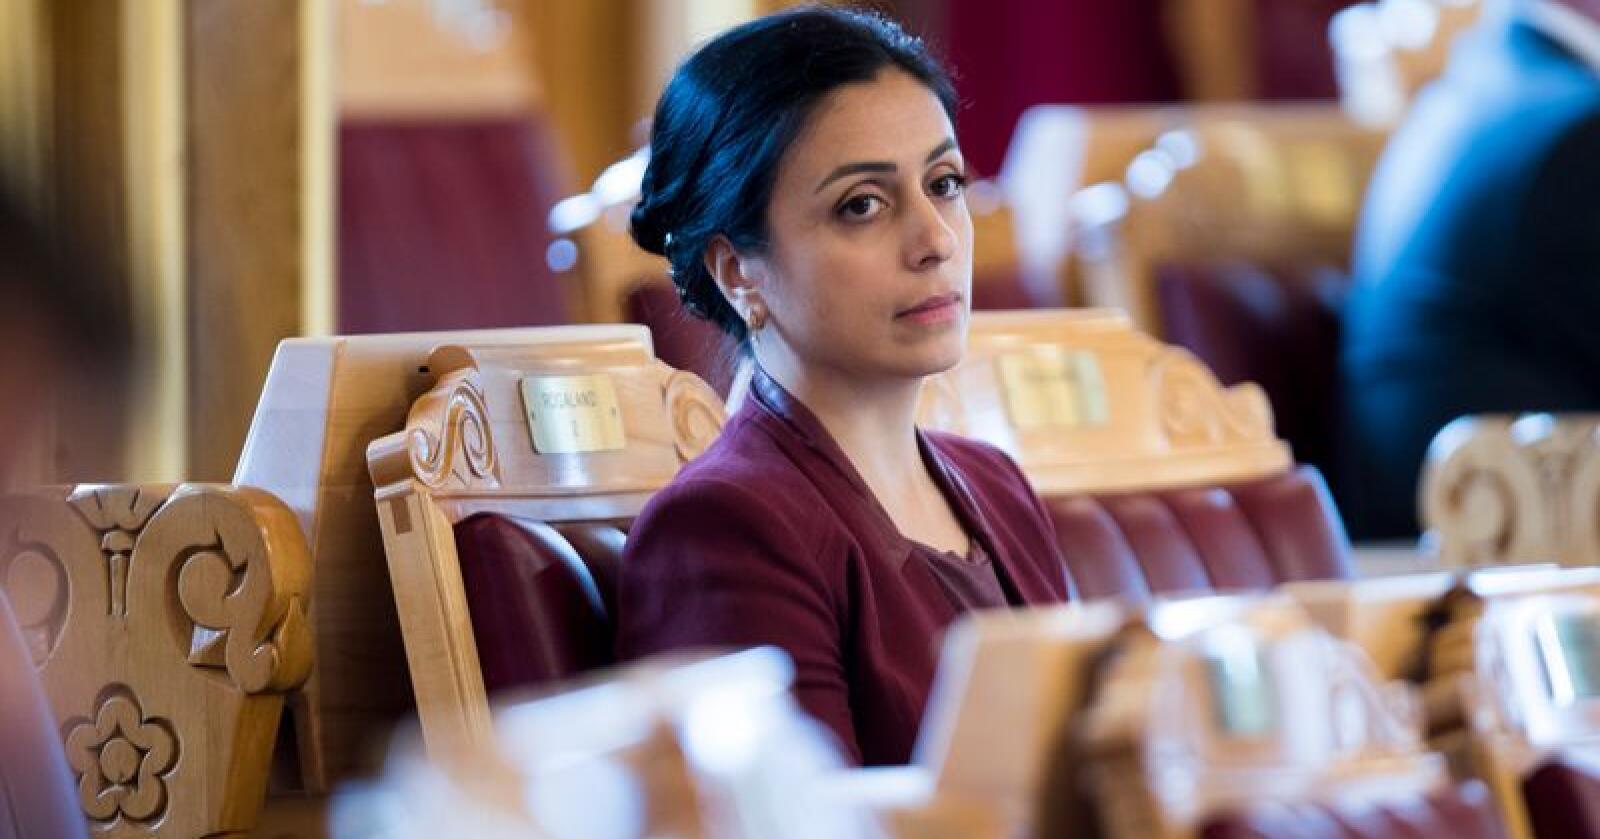 Hadia Tajik (Ap) beskylder regjeringen for å drive en distriktsfiendtlig politikk. Tajik svartmaler situasjonen, svarer finansminister Siv Jensen (Frp). Foto: Terje Pedersen / NTB scanpix